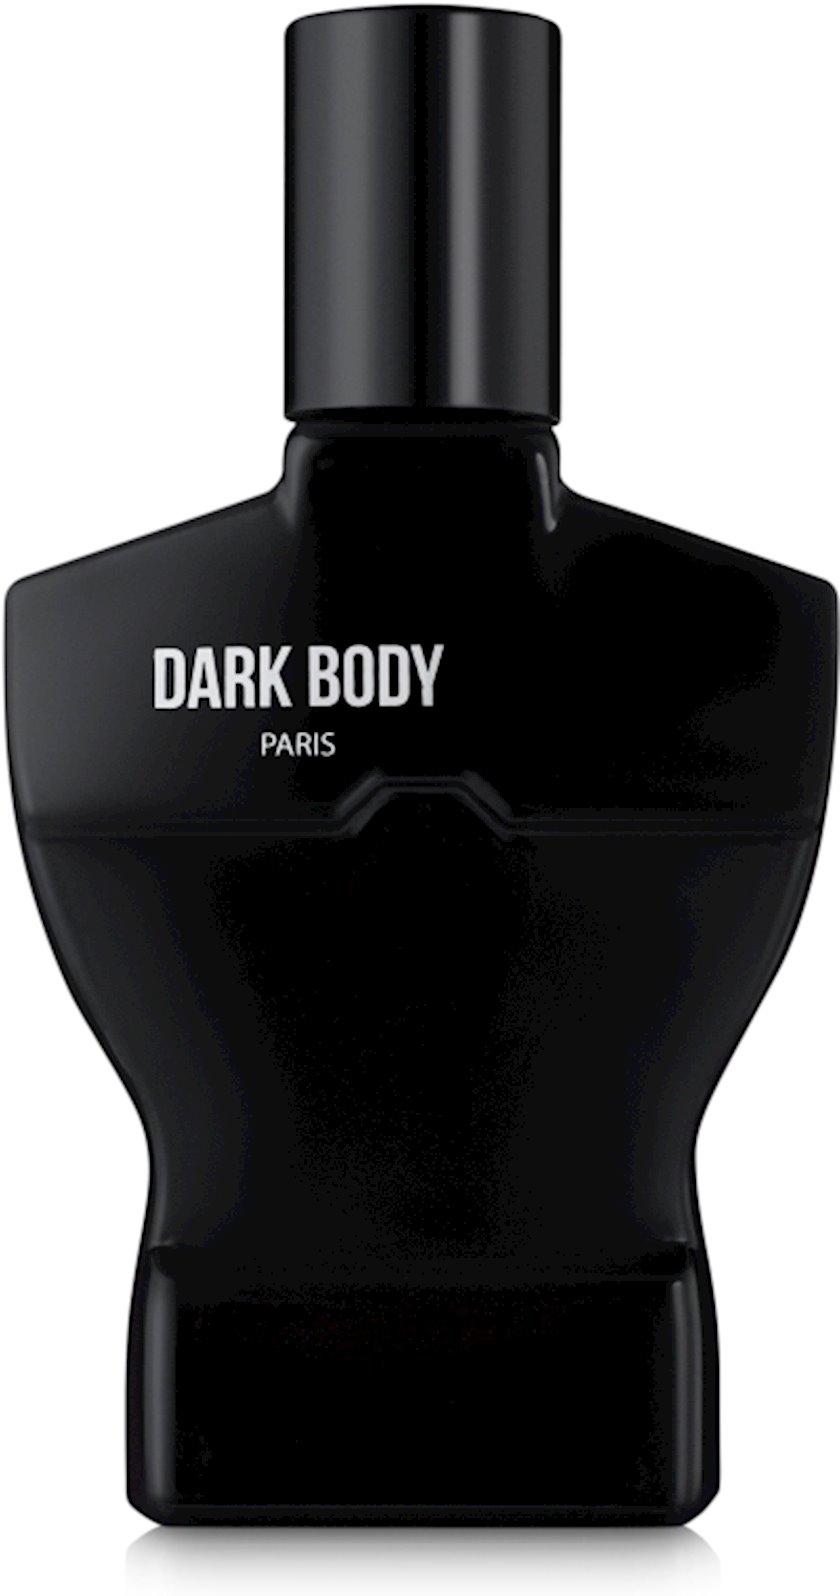 Tualet suyu kişilər üçün Raphael Rosalee Dark Body Men 100 ml